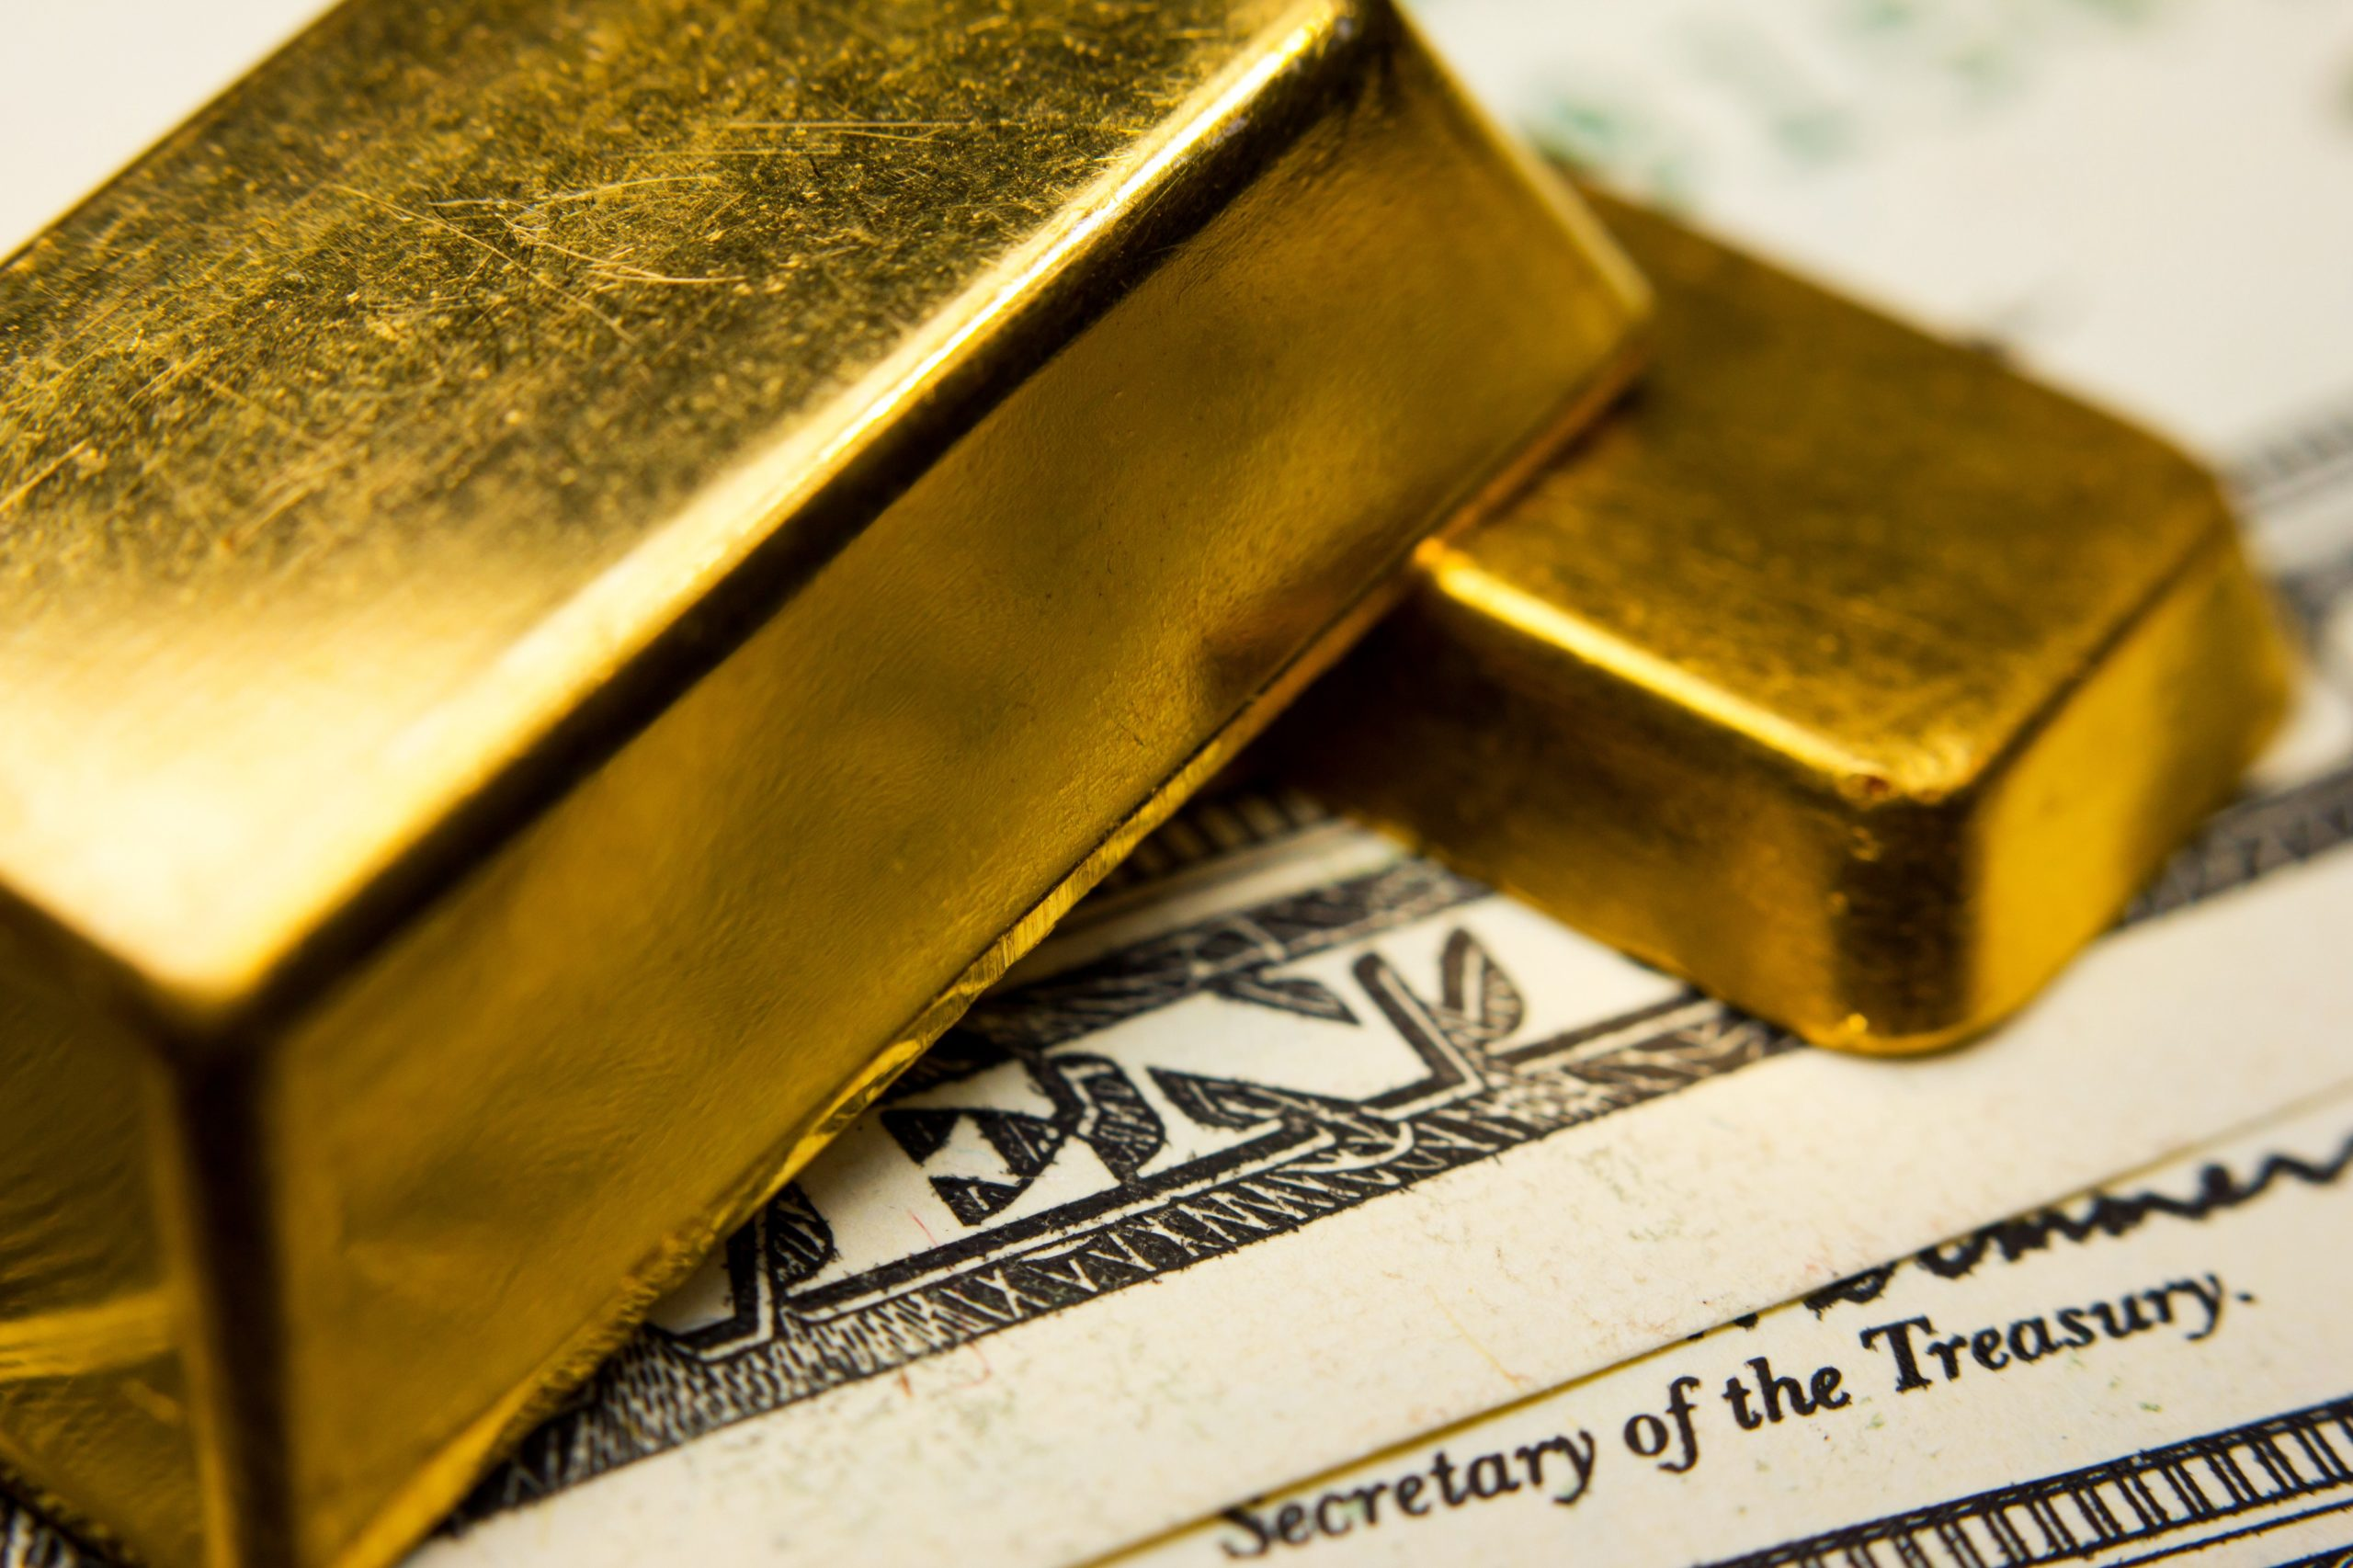 ما هو معيار الذهب - ارتباط قيمة العملة بالذهب - العلاقة بين العملية المحلية ومعدن الذهب - القبول بالذهب وسيلة لتسوية المدفوعات